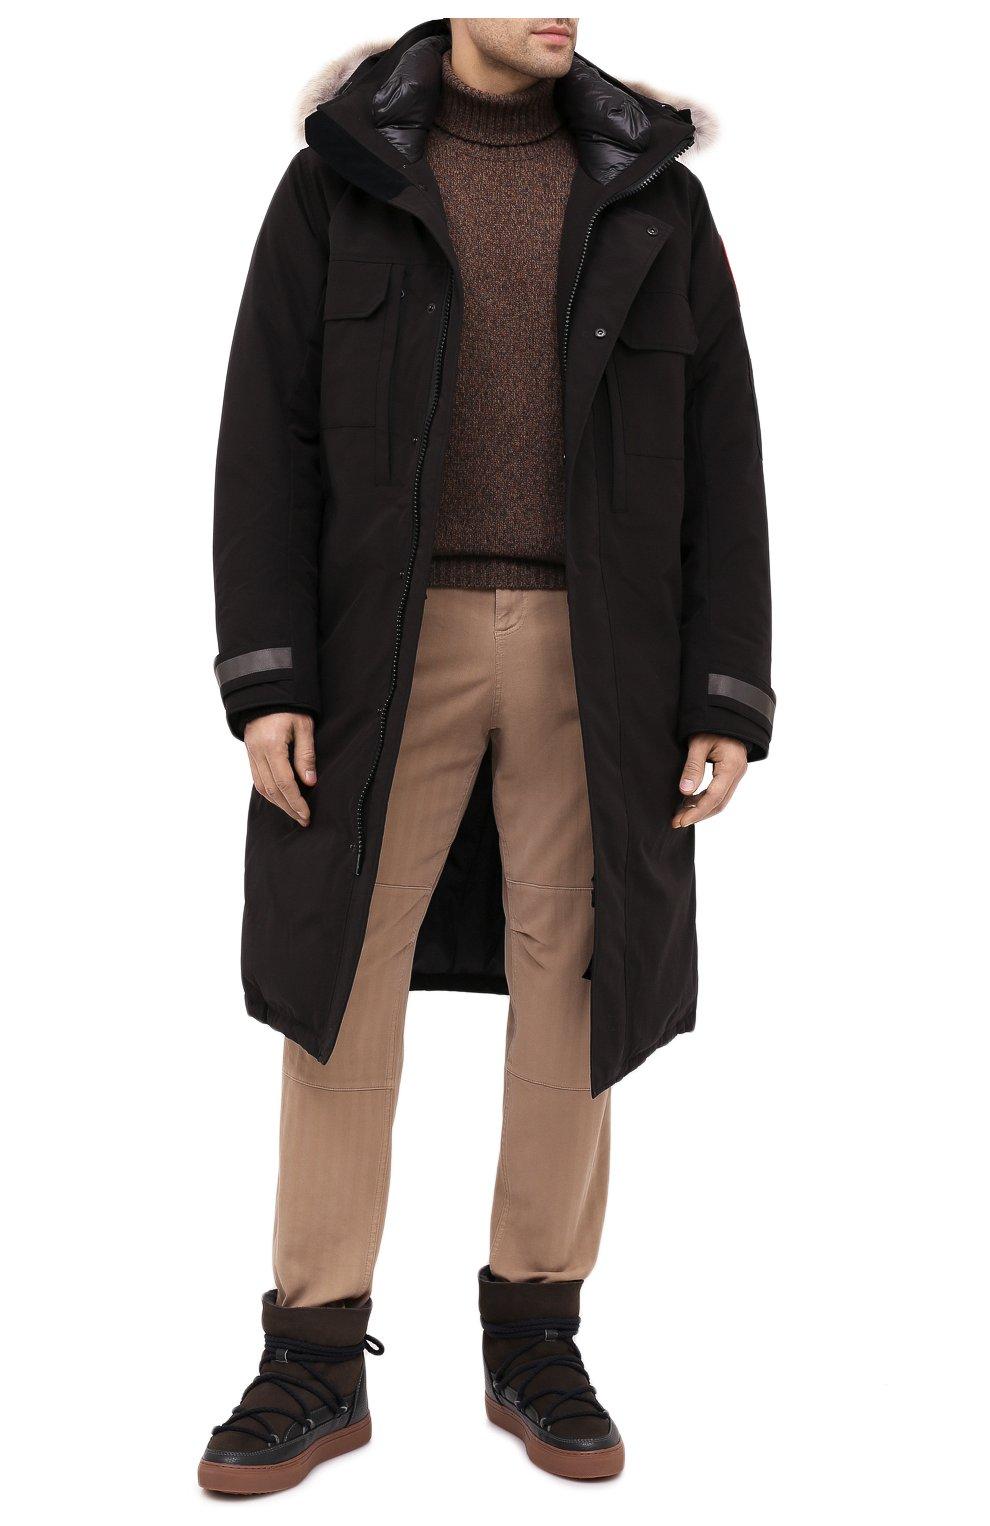 Мужские замшевые сапоги INUIKII коричневого цвета, арт. 50202-1 | Фото 2 (Материал утеплителя: Натуральный мех; Мужское Кросс-КТ: зимние сапоги, Сапоги-обувь; Подошва: Массивная; Материал внешний: Замша)